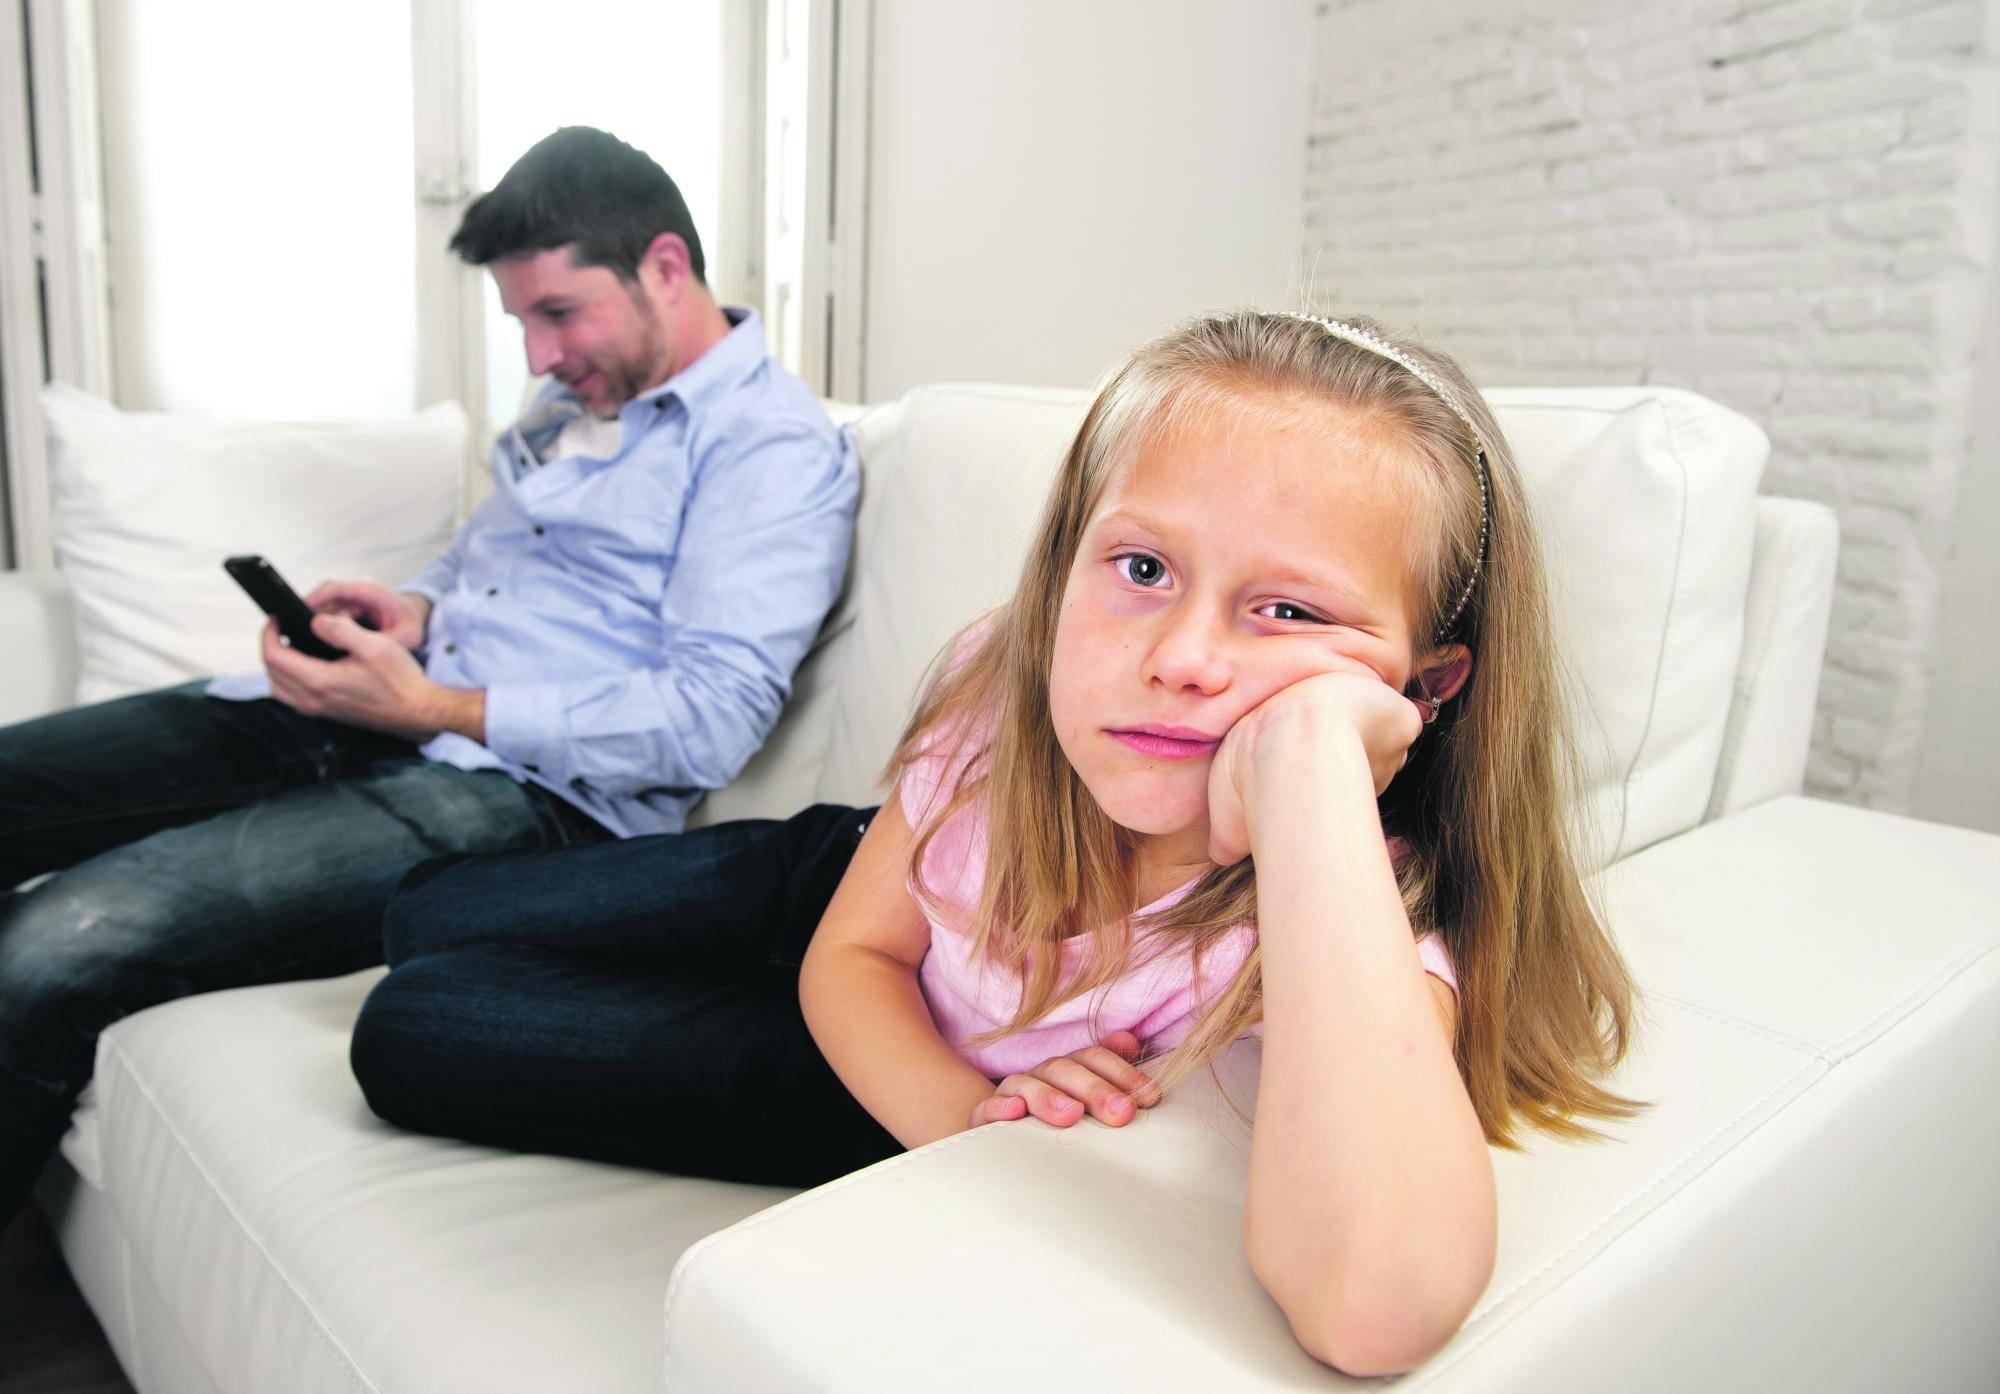 کارهایی که والدین هرگز نباید جلوی کودکان انجام دهند